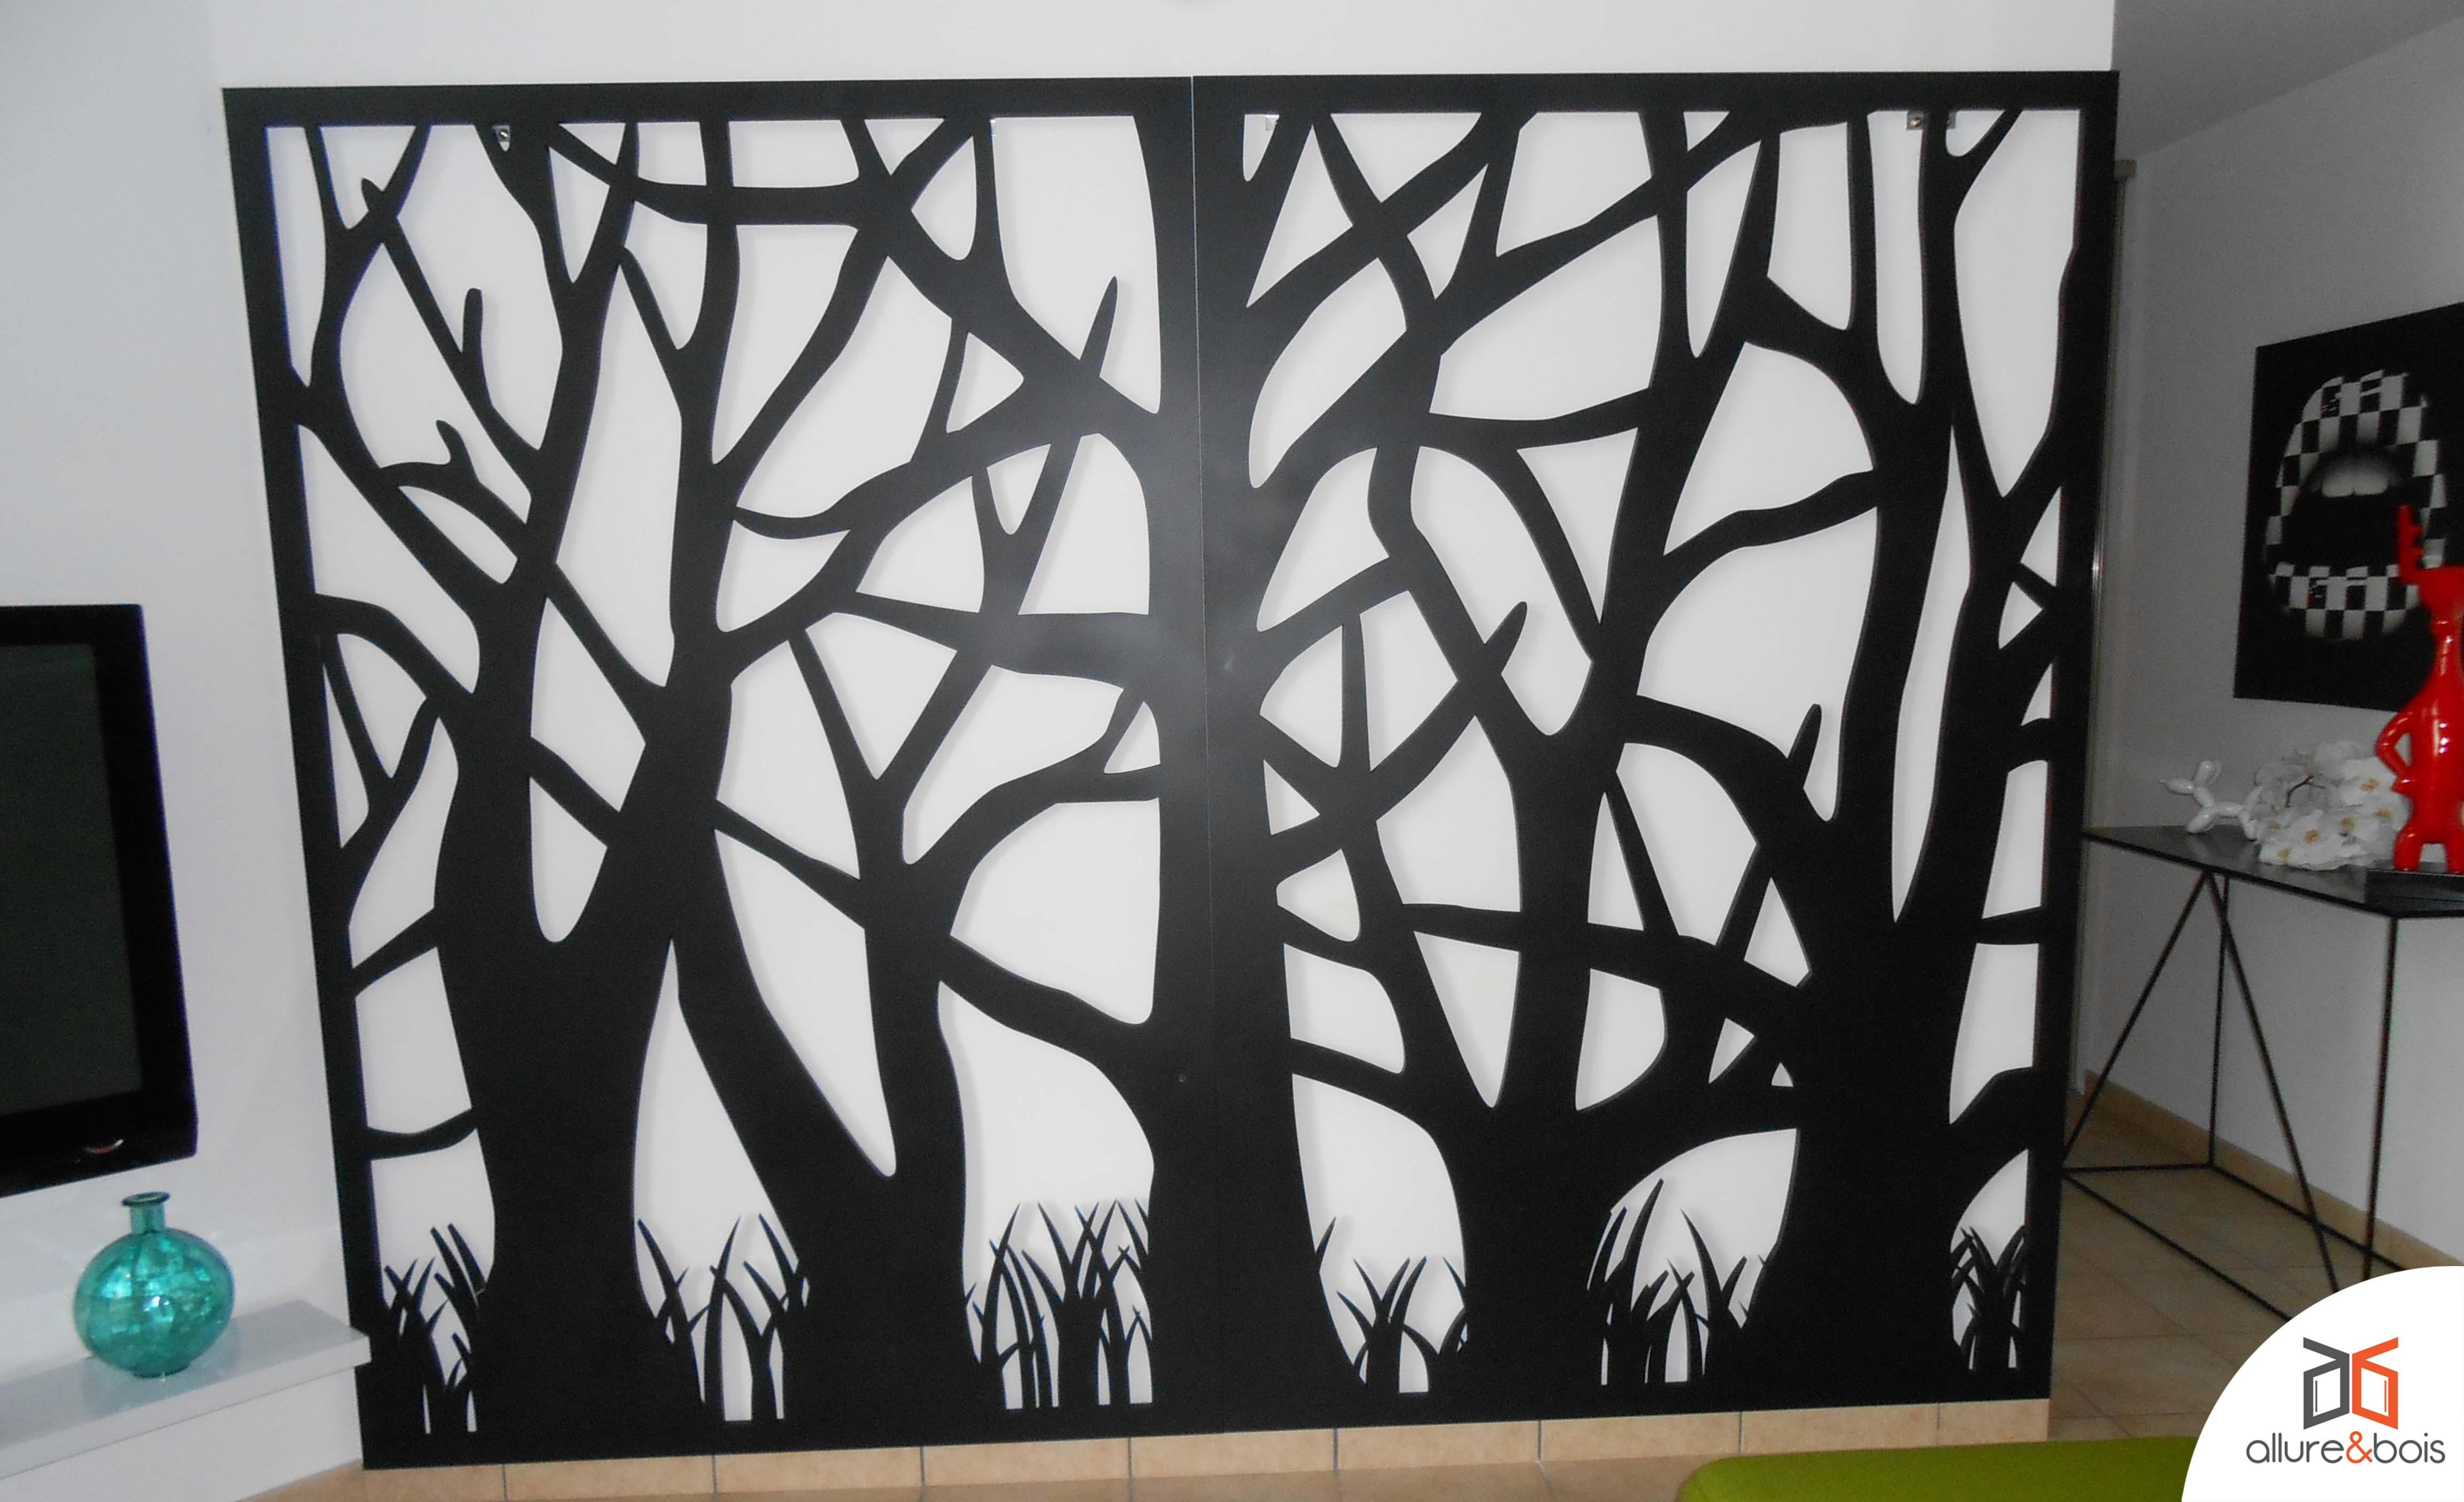 Claustra avec motif d'arbres en mur de parement en bois